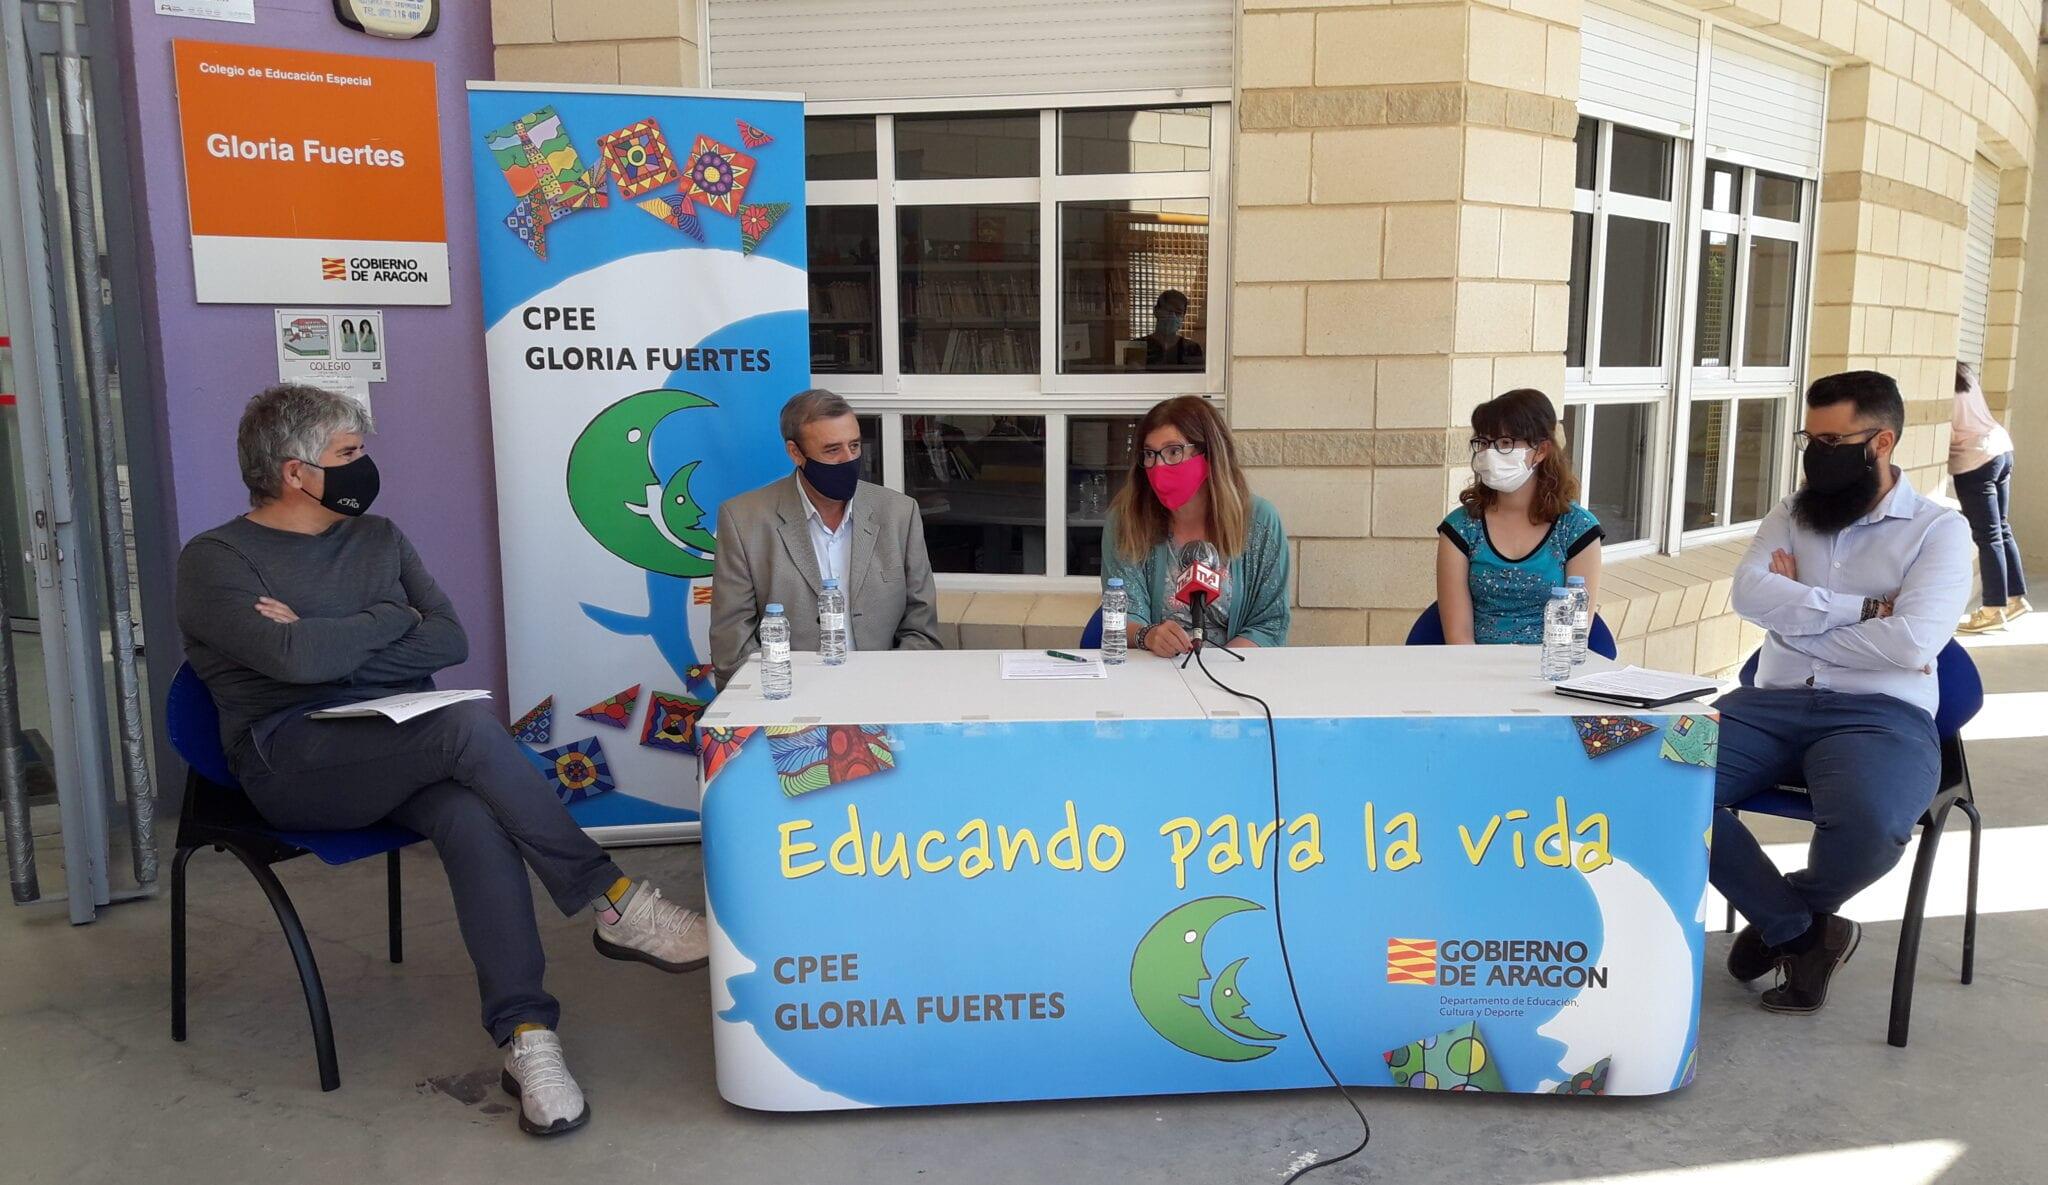 Atadi Empleo contrata a una segunda alumna del CPEE Gloria Fuertes para realizar la limpieza del centro educativo